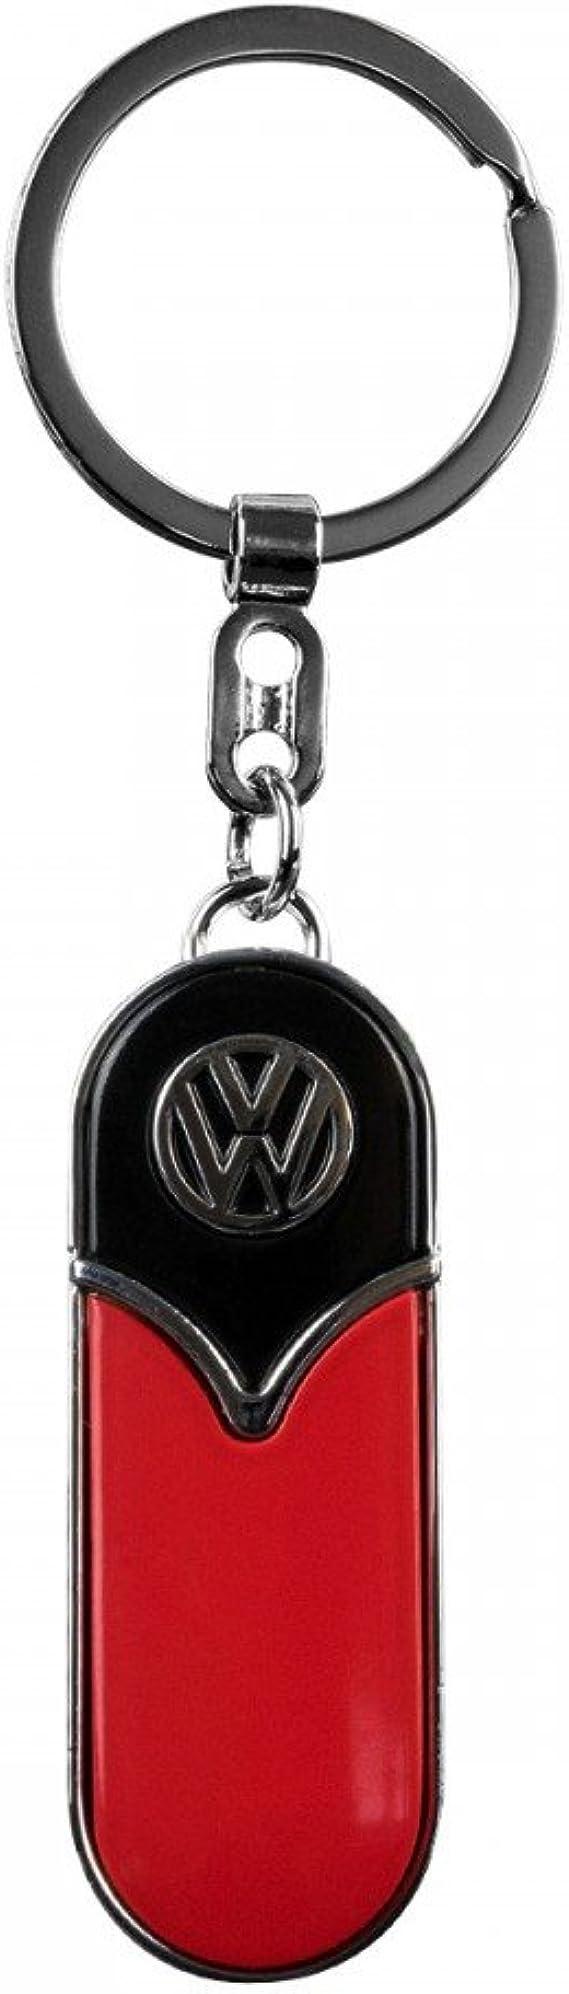 Volkswagen T1 Bulli Schlüsselanhänger Offizielles Merchandise Von Vw Bekleidung